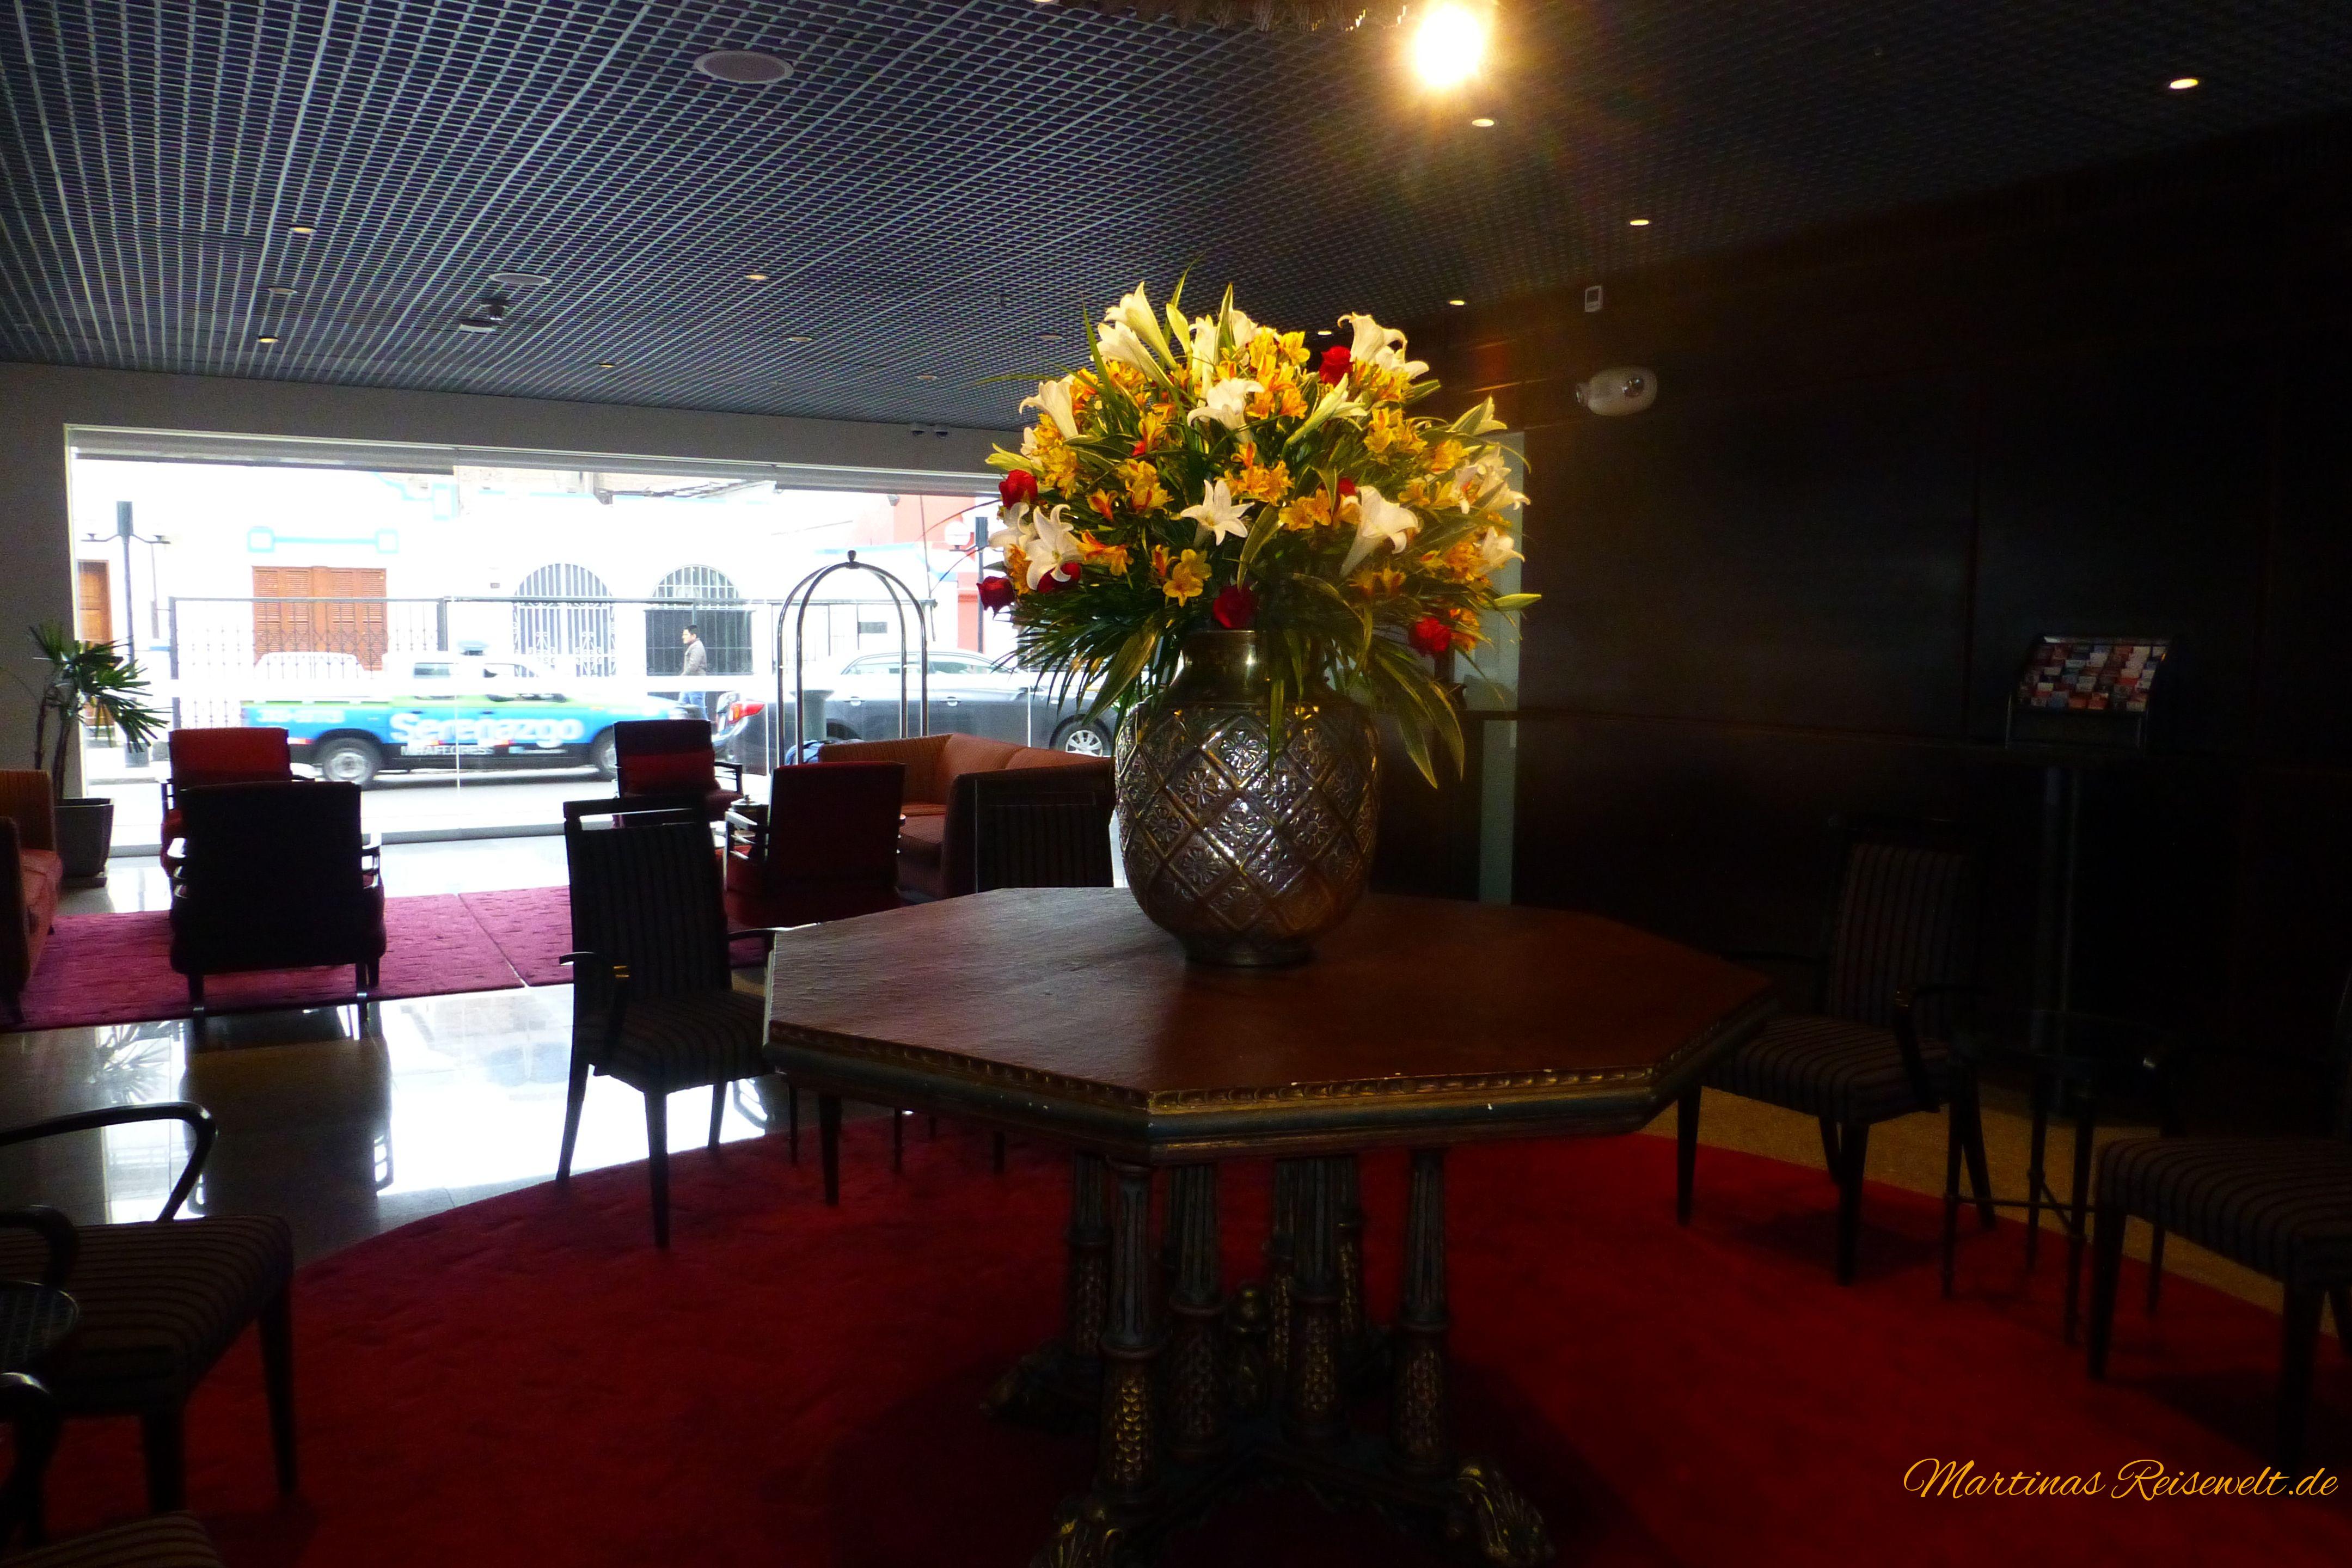 Lobby, schöne frische Blumen